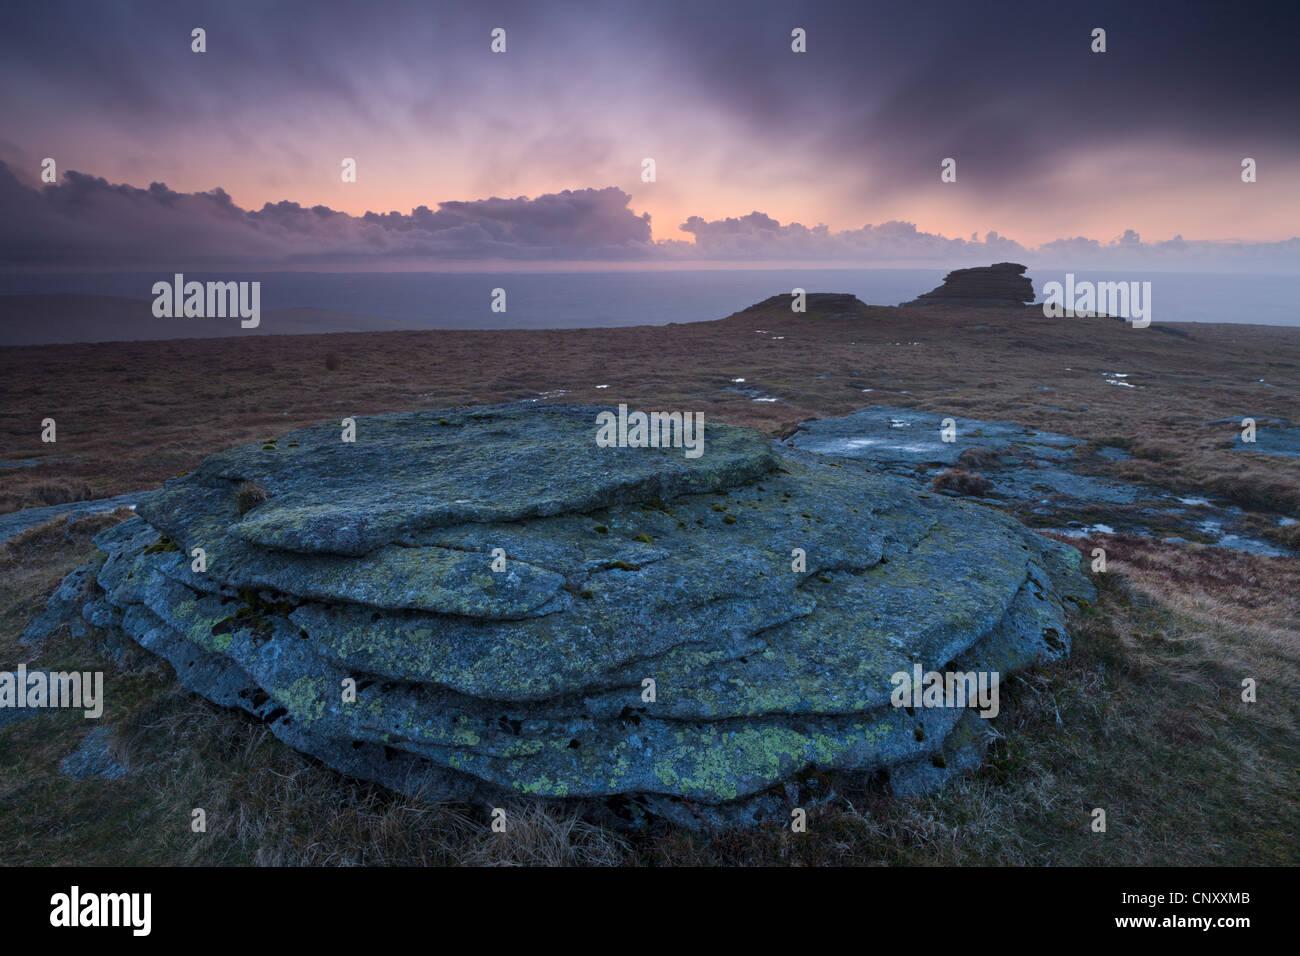 High Willhays al atardecer, el punto más alto de Dartmoor y sur de Gran Bretaña, Dartmoor, Devon, Inglaterra. Imagen De Stock